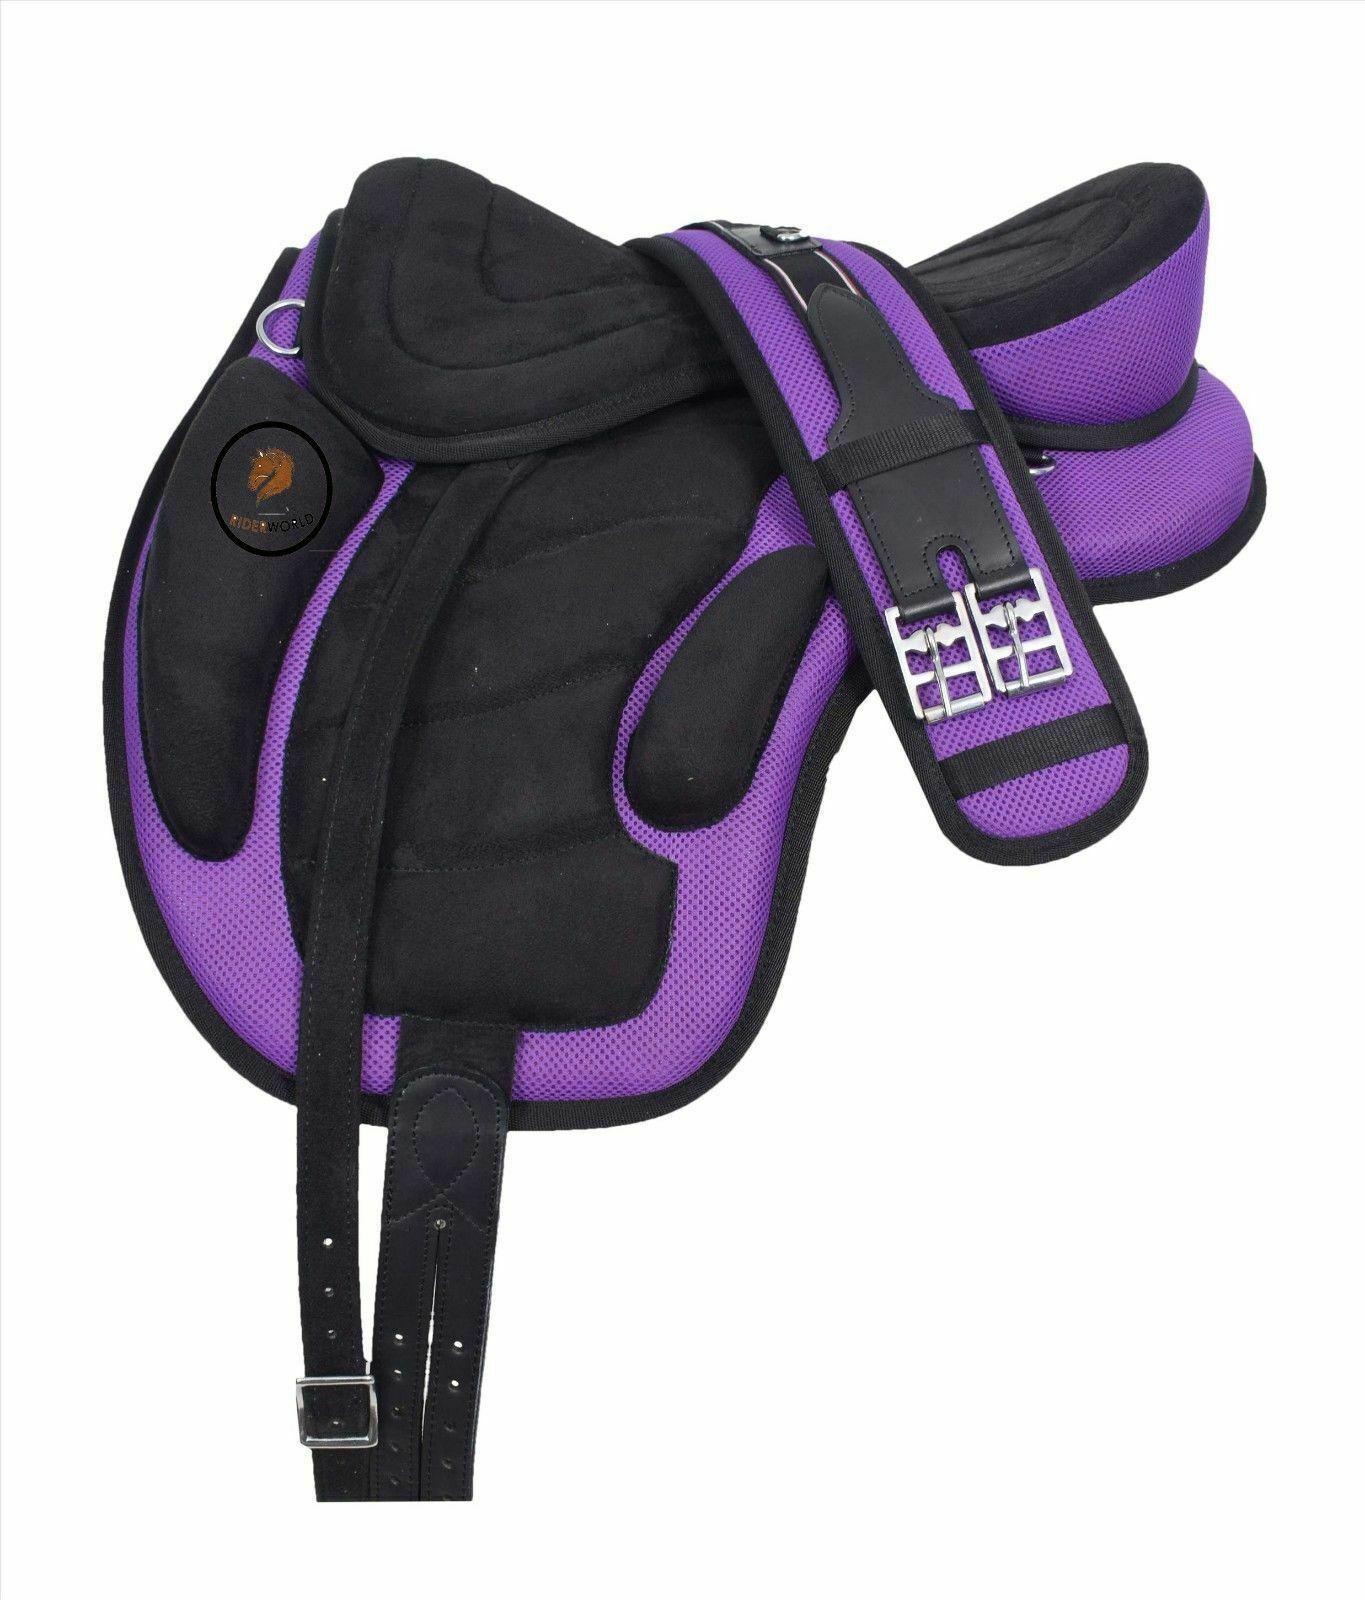 Nueva silla caballo inglés sin árboles Freemax  Sintético Púrpura Negro Envío Gratuito.  todos los bienes son especiales